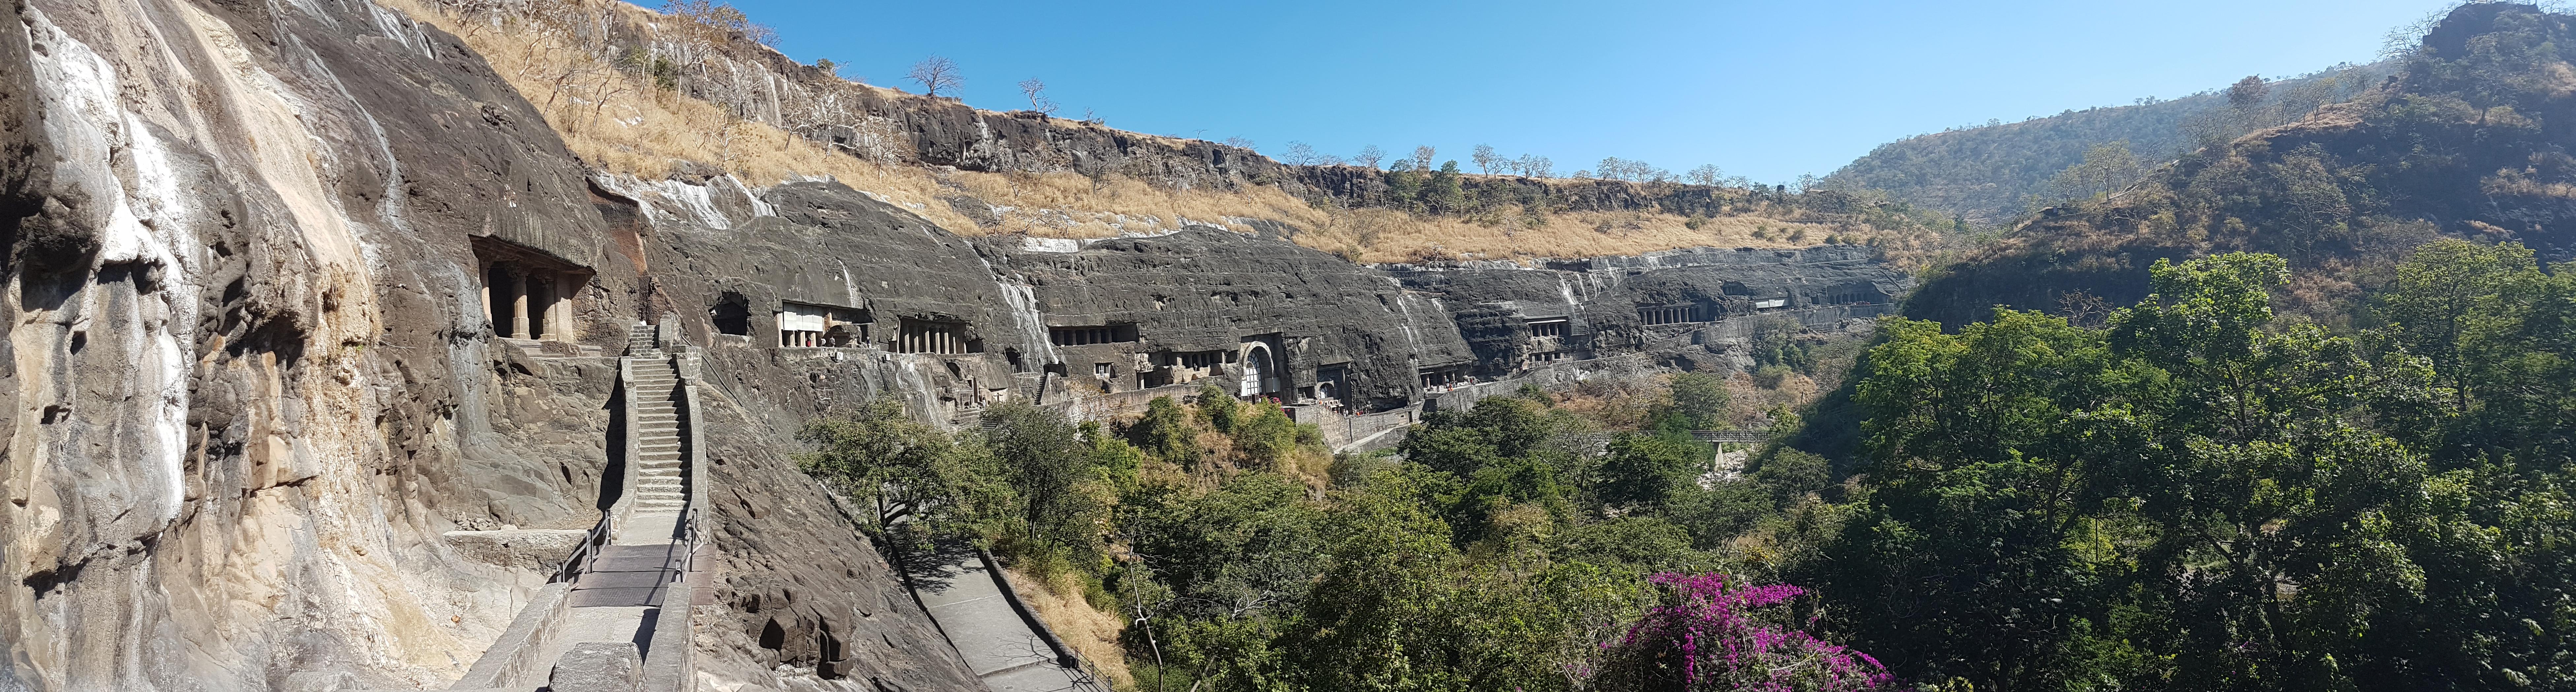 Ajanta , Ellora & Elphanta Caves en-route to Mumbai  – Ajanta